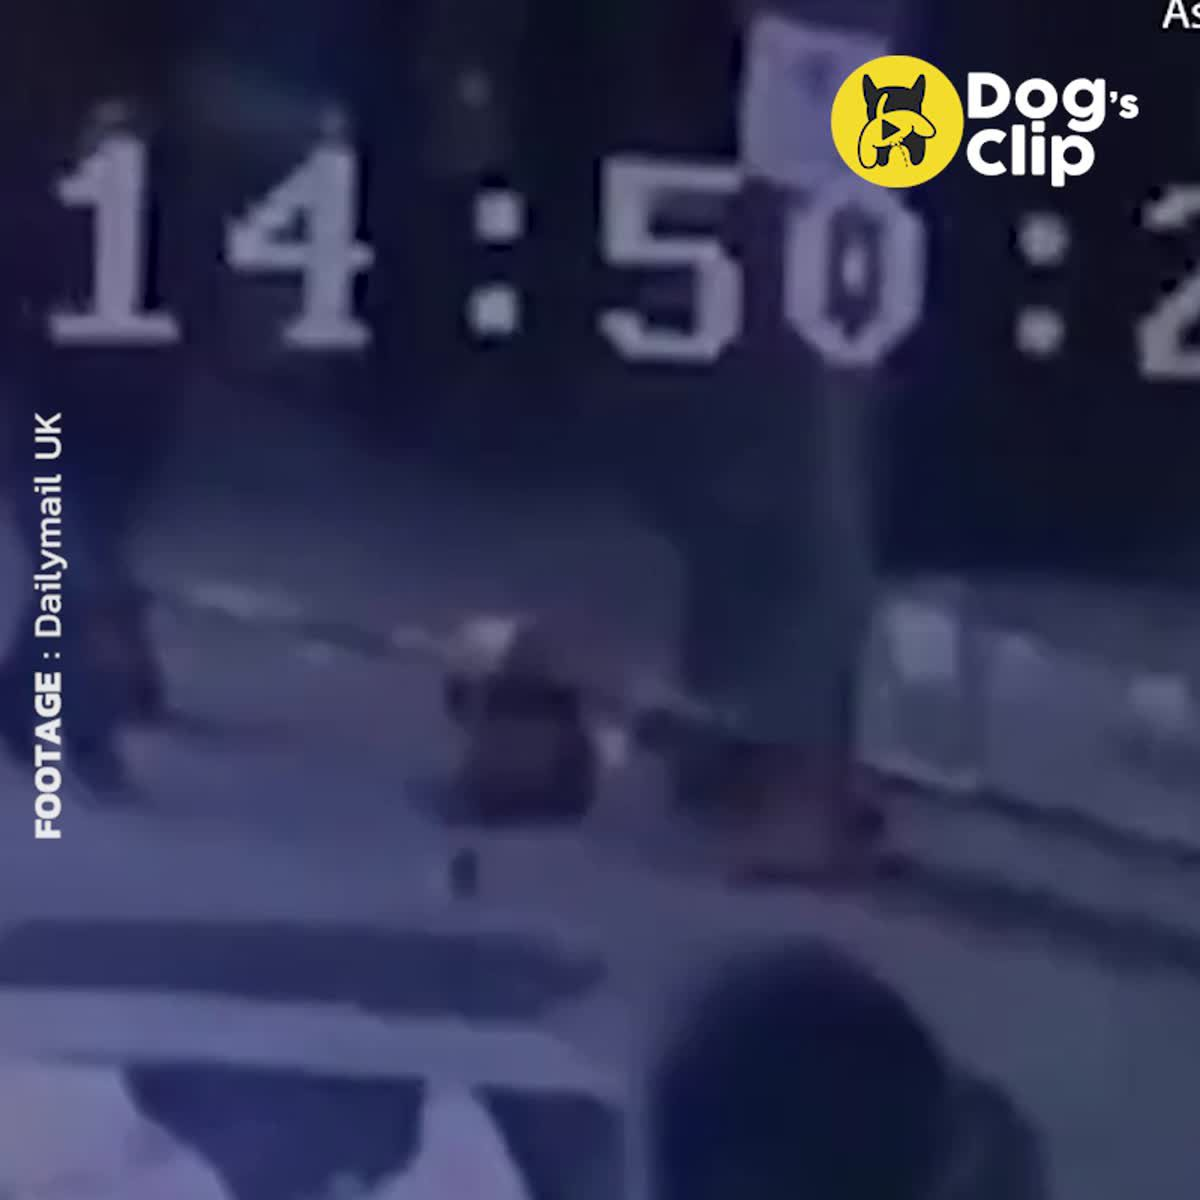 เหตุการณ์ก่อนที่ โกลเด้นจะโดนตำรวจตีเลือดสาดดับอนาถข้างถนน